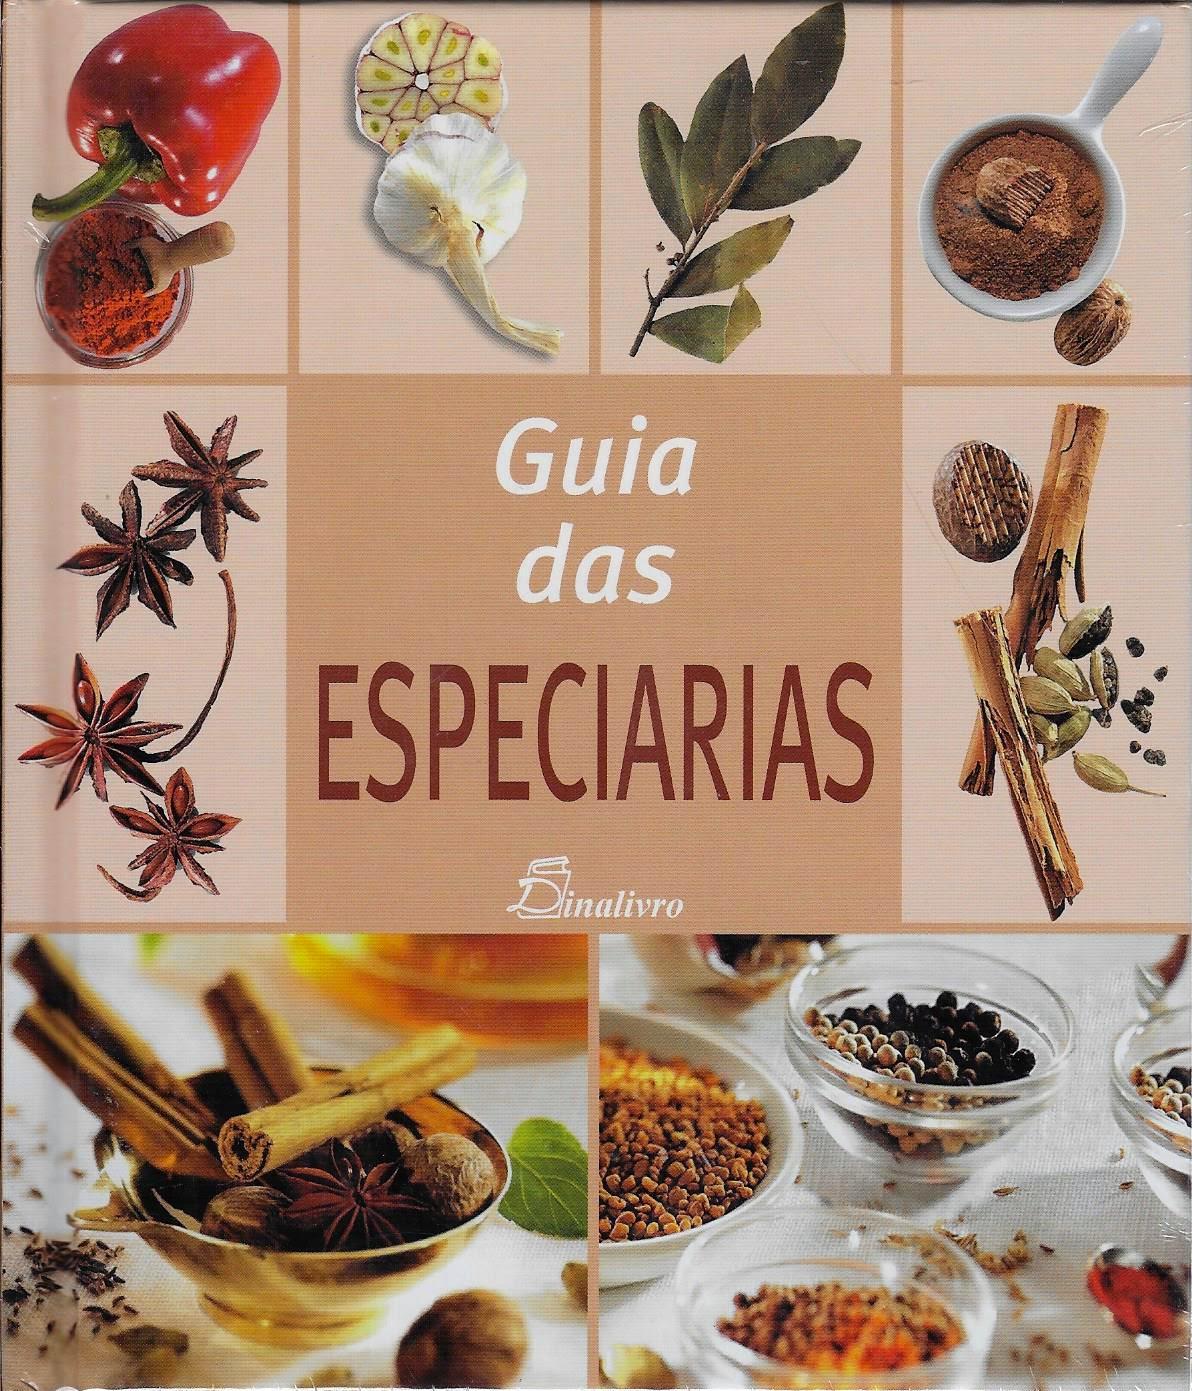 Guia das especiarias